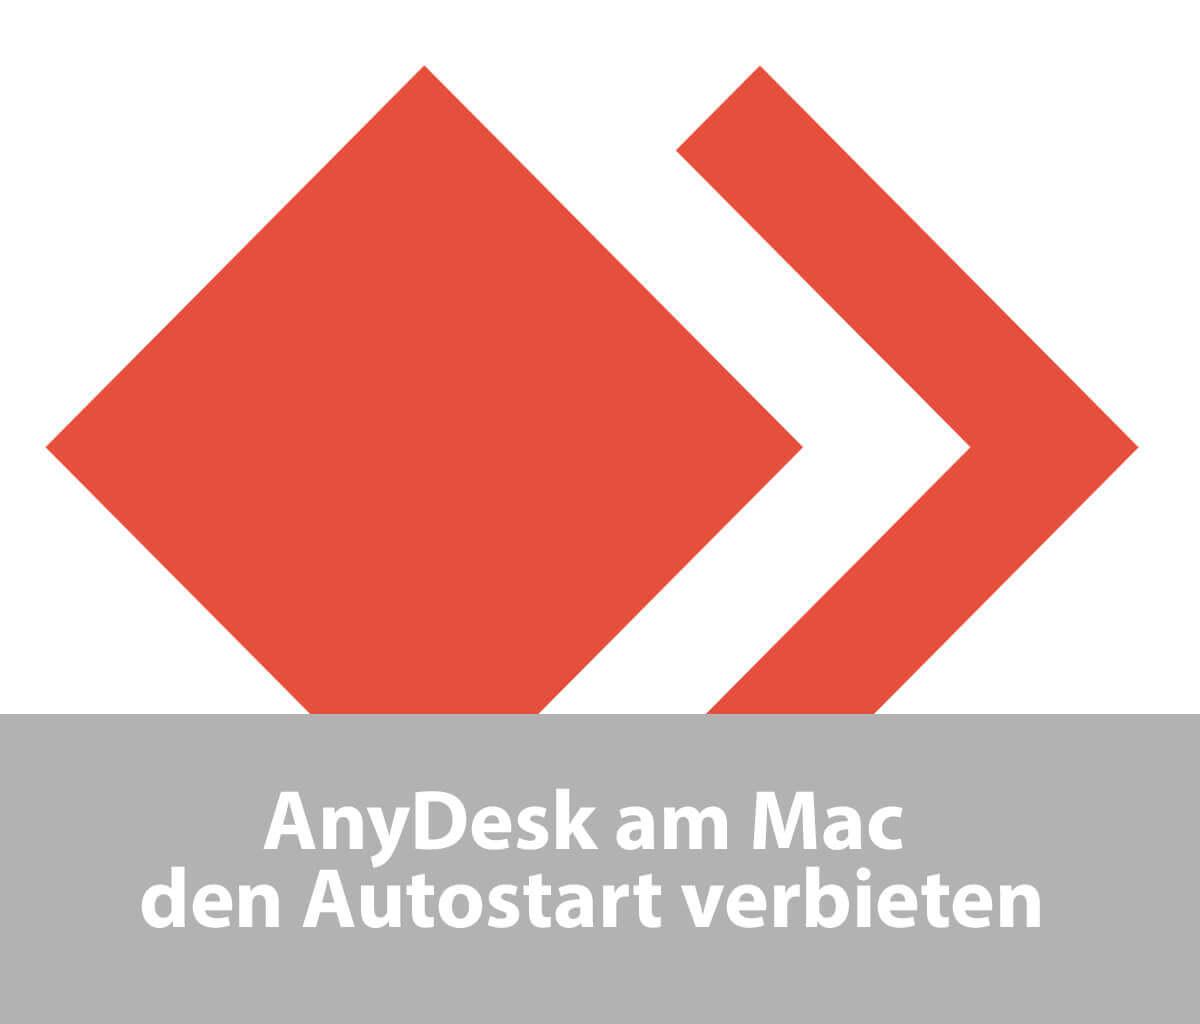 gelöst] AnyDesk am Mac nicht beim Booten automatisch starten